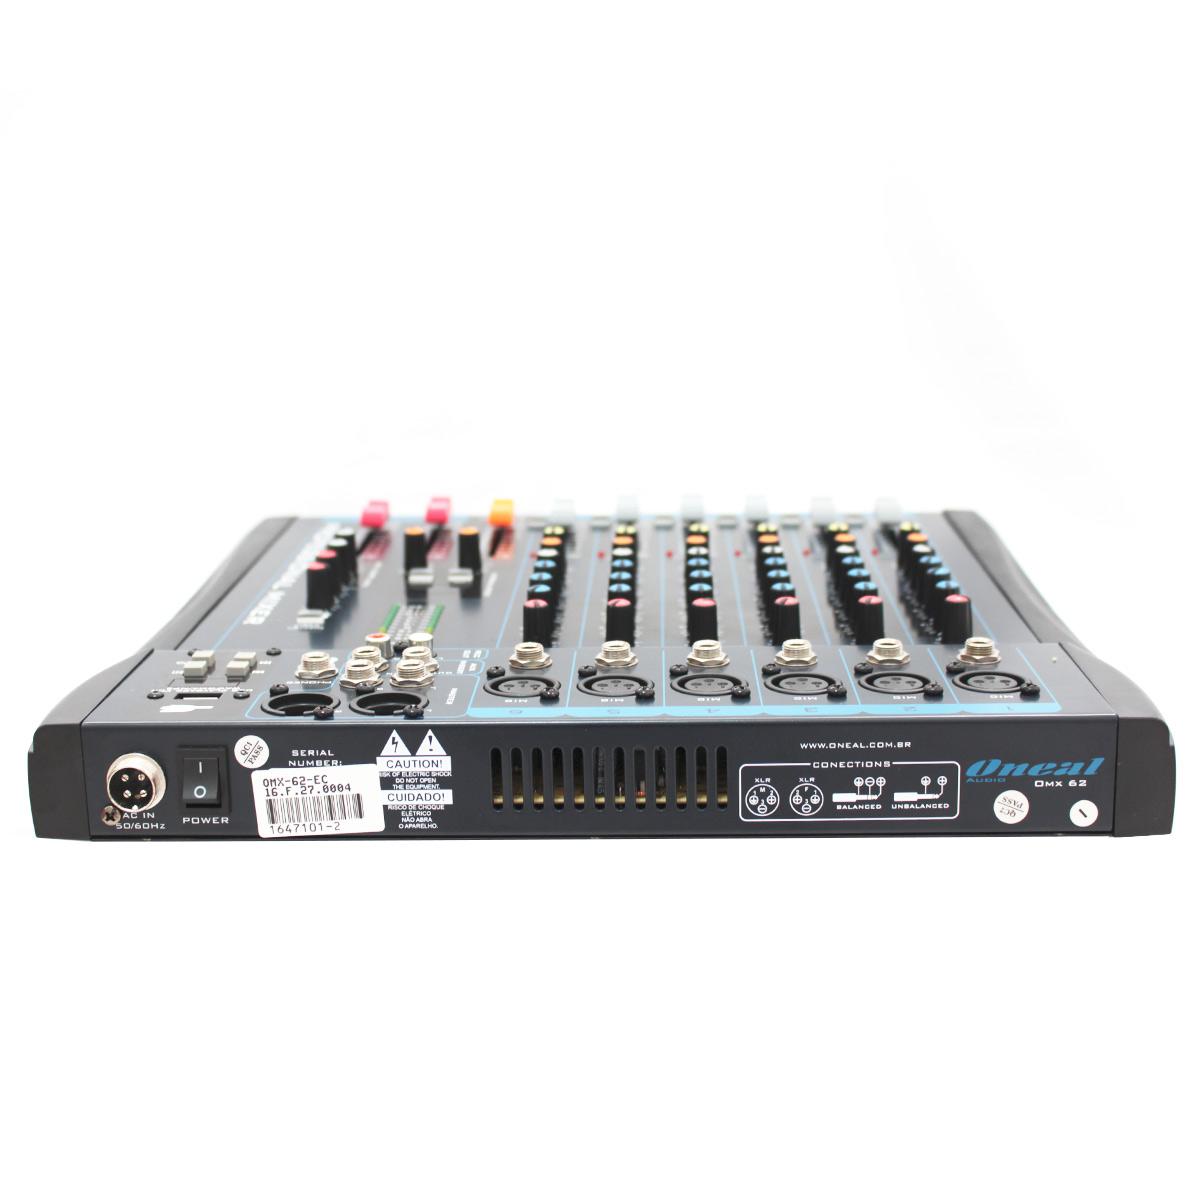 Mesa de Som 6 Canais XLR Balanceados c/ USB / Efeito / Phantom / 1 Auxiliar - OMX 62 Oneal